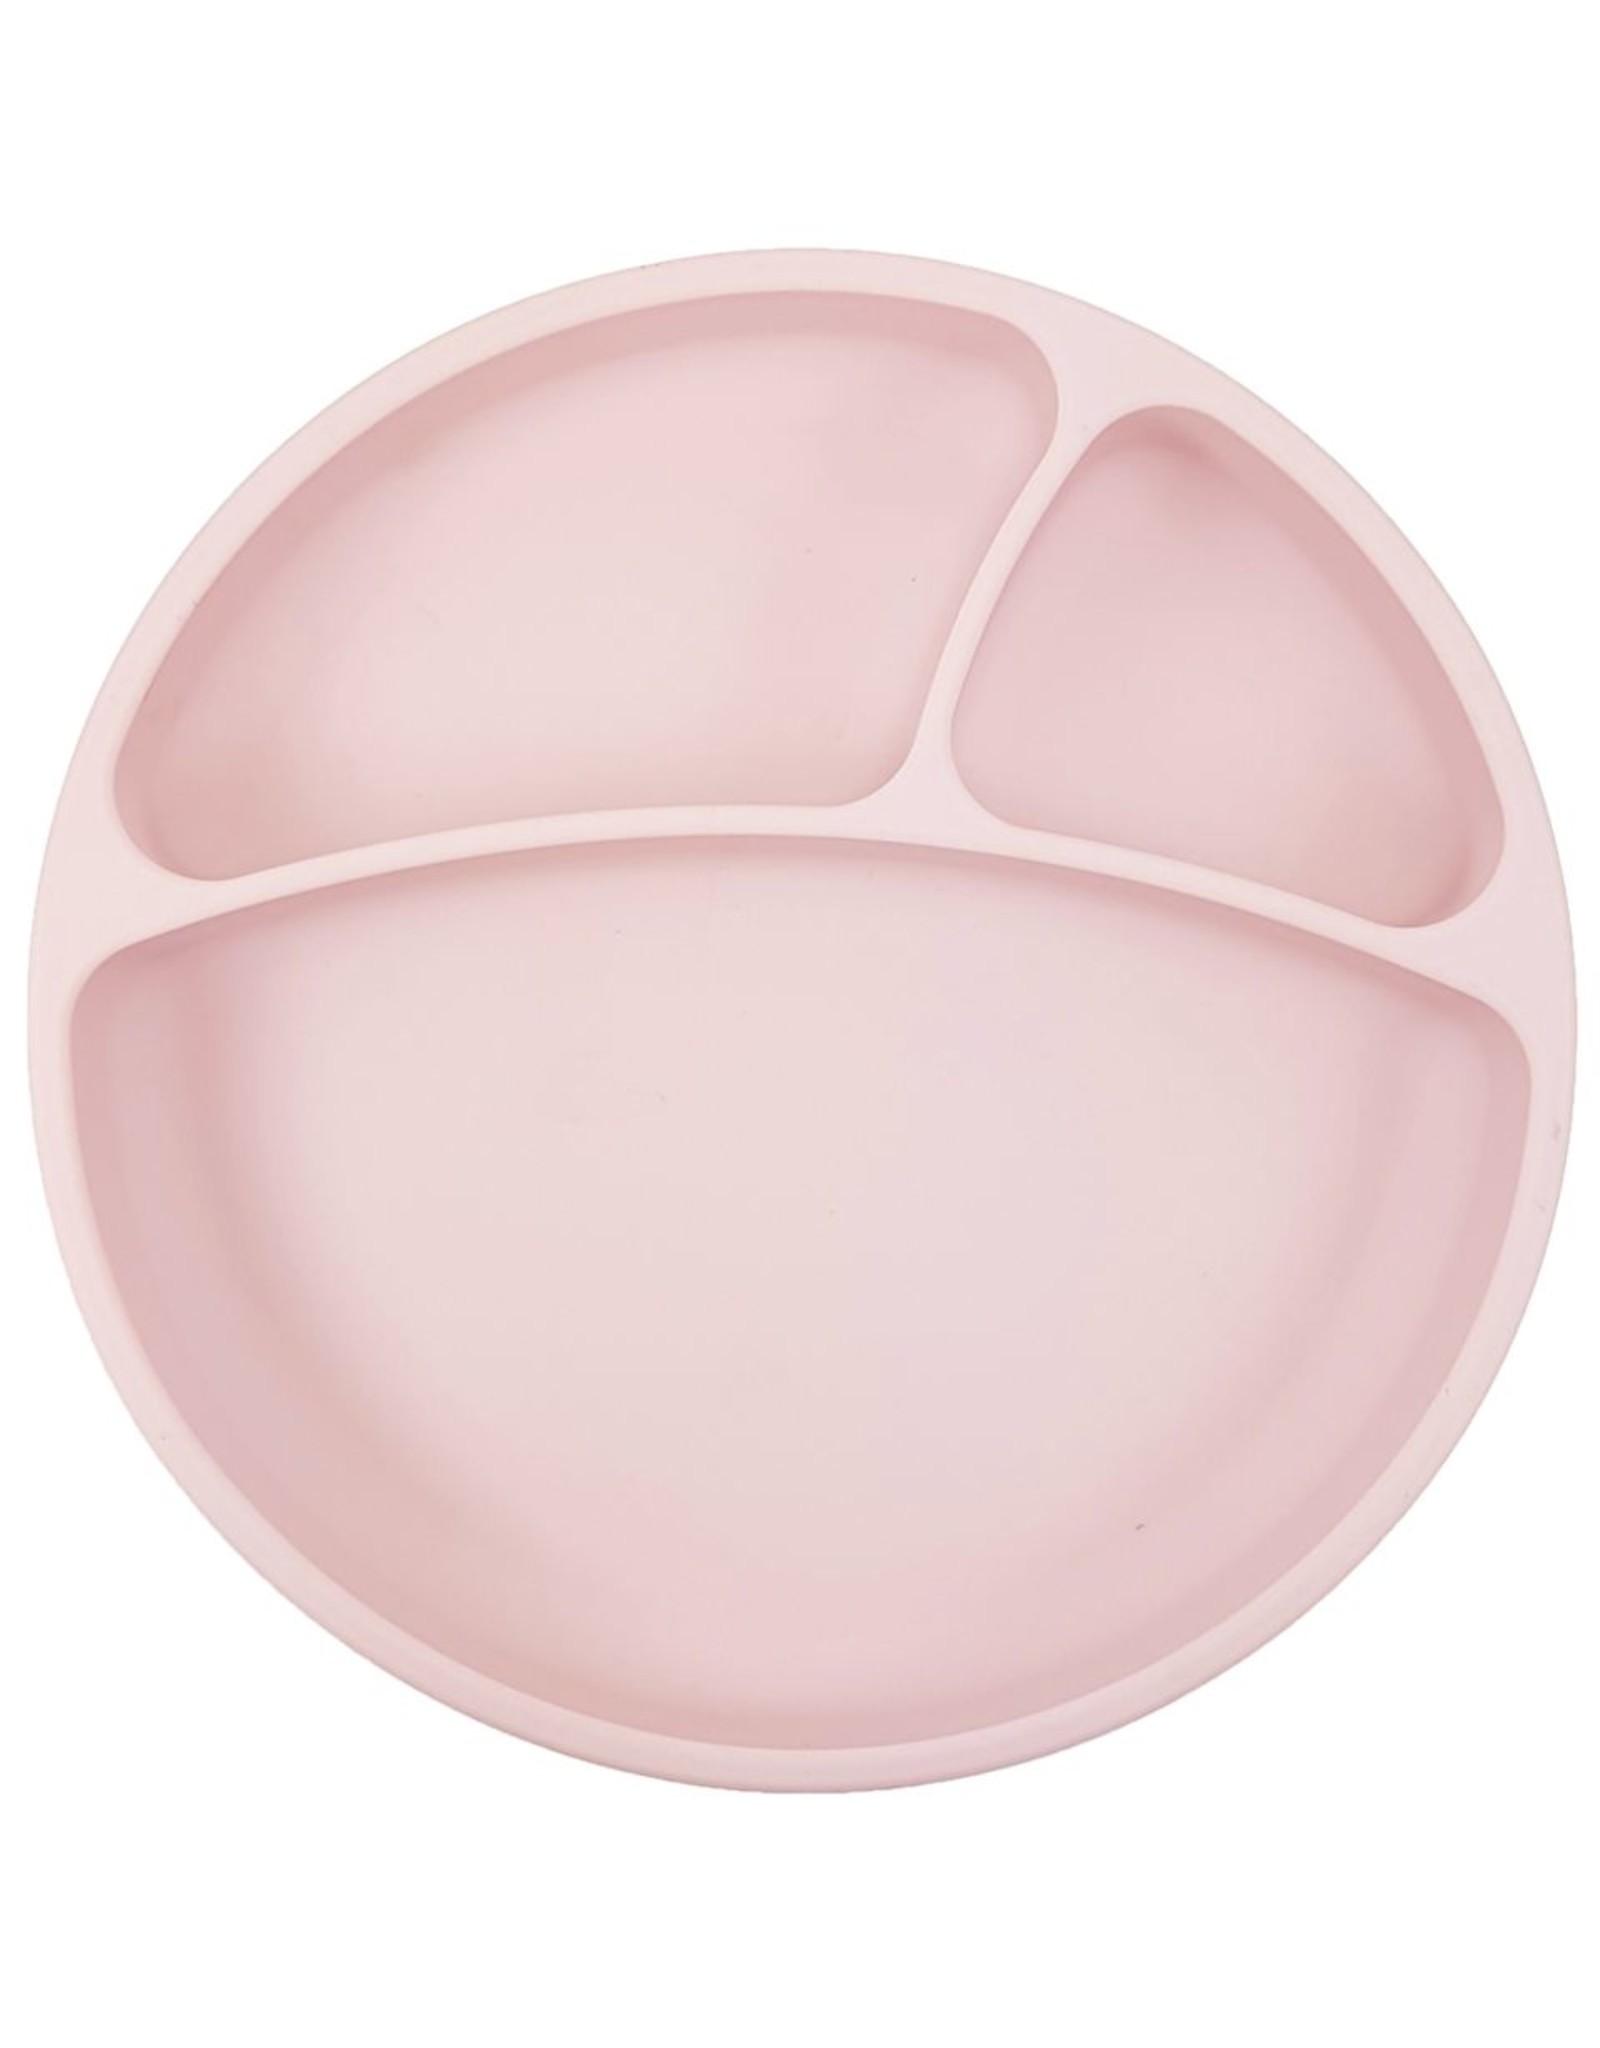 MiniKOiOi Minikoioi Bord Pink